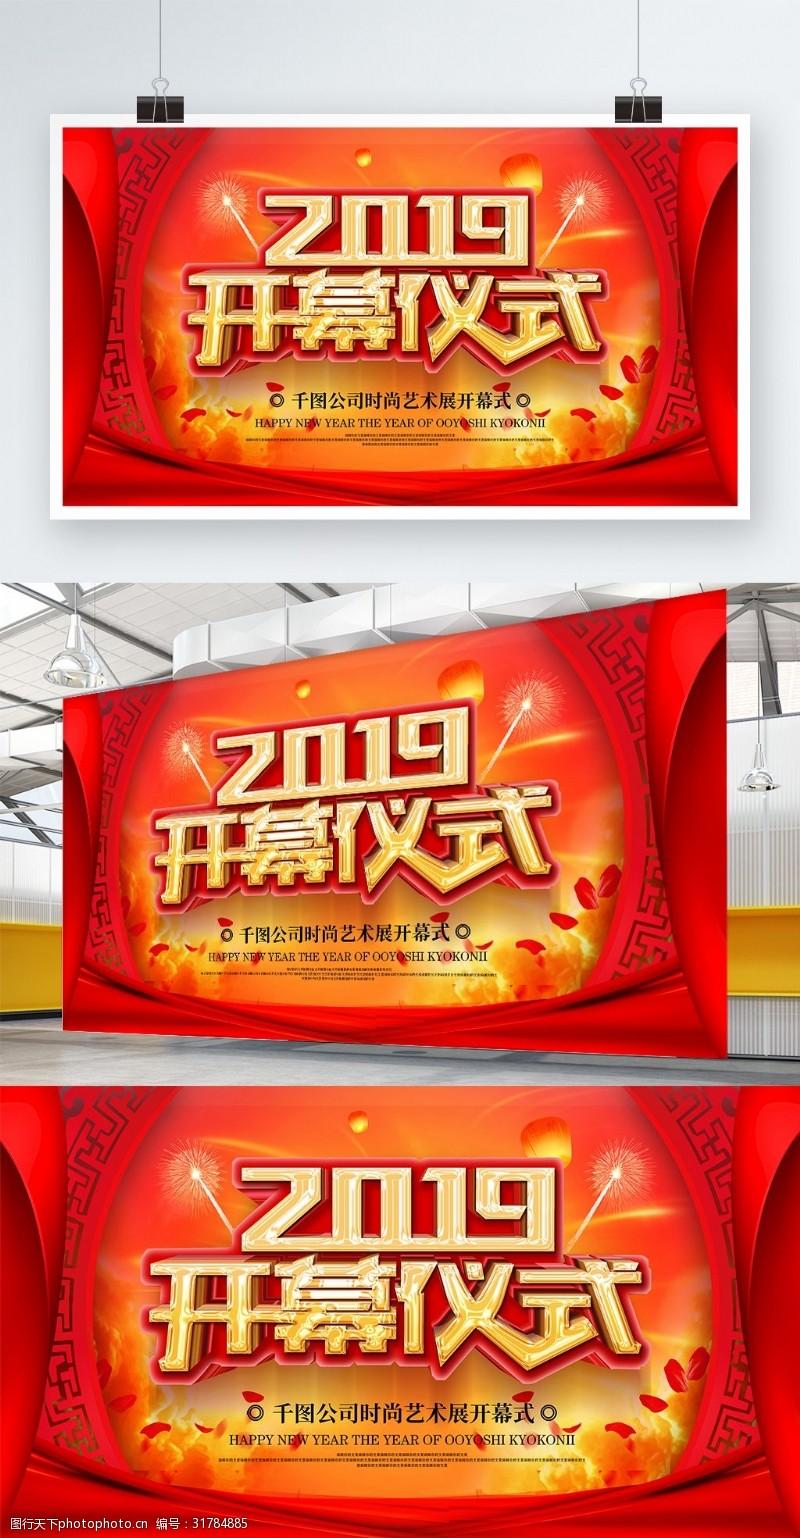 开幕式广告红色喜庆立体字2019开幕仪式企业展板